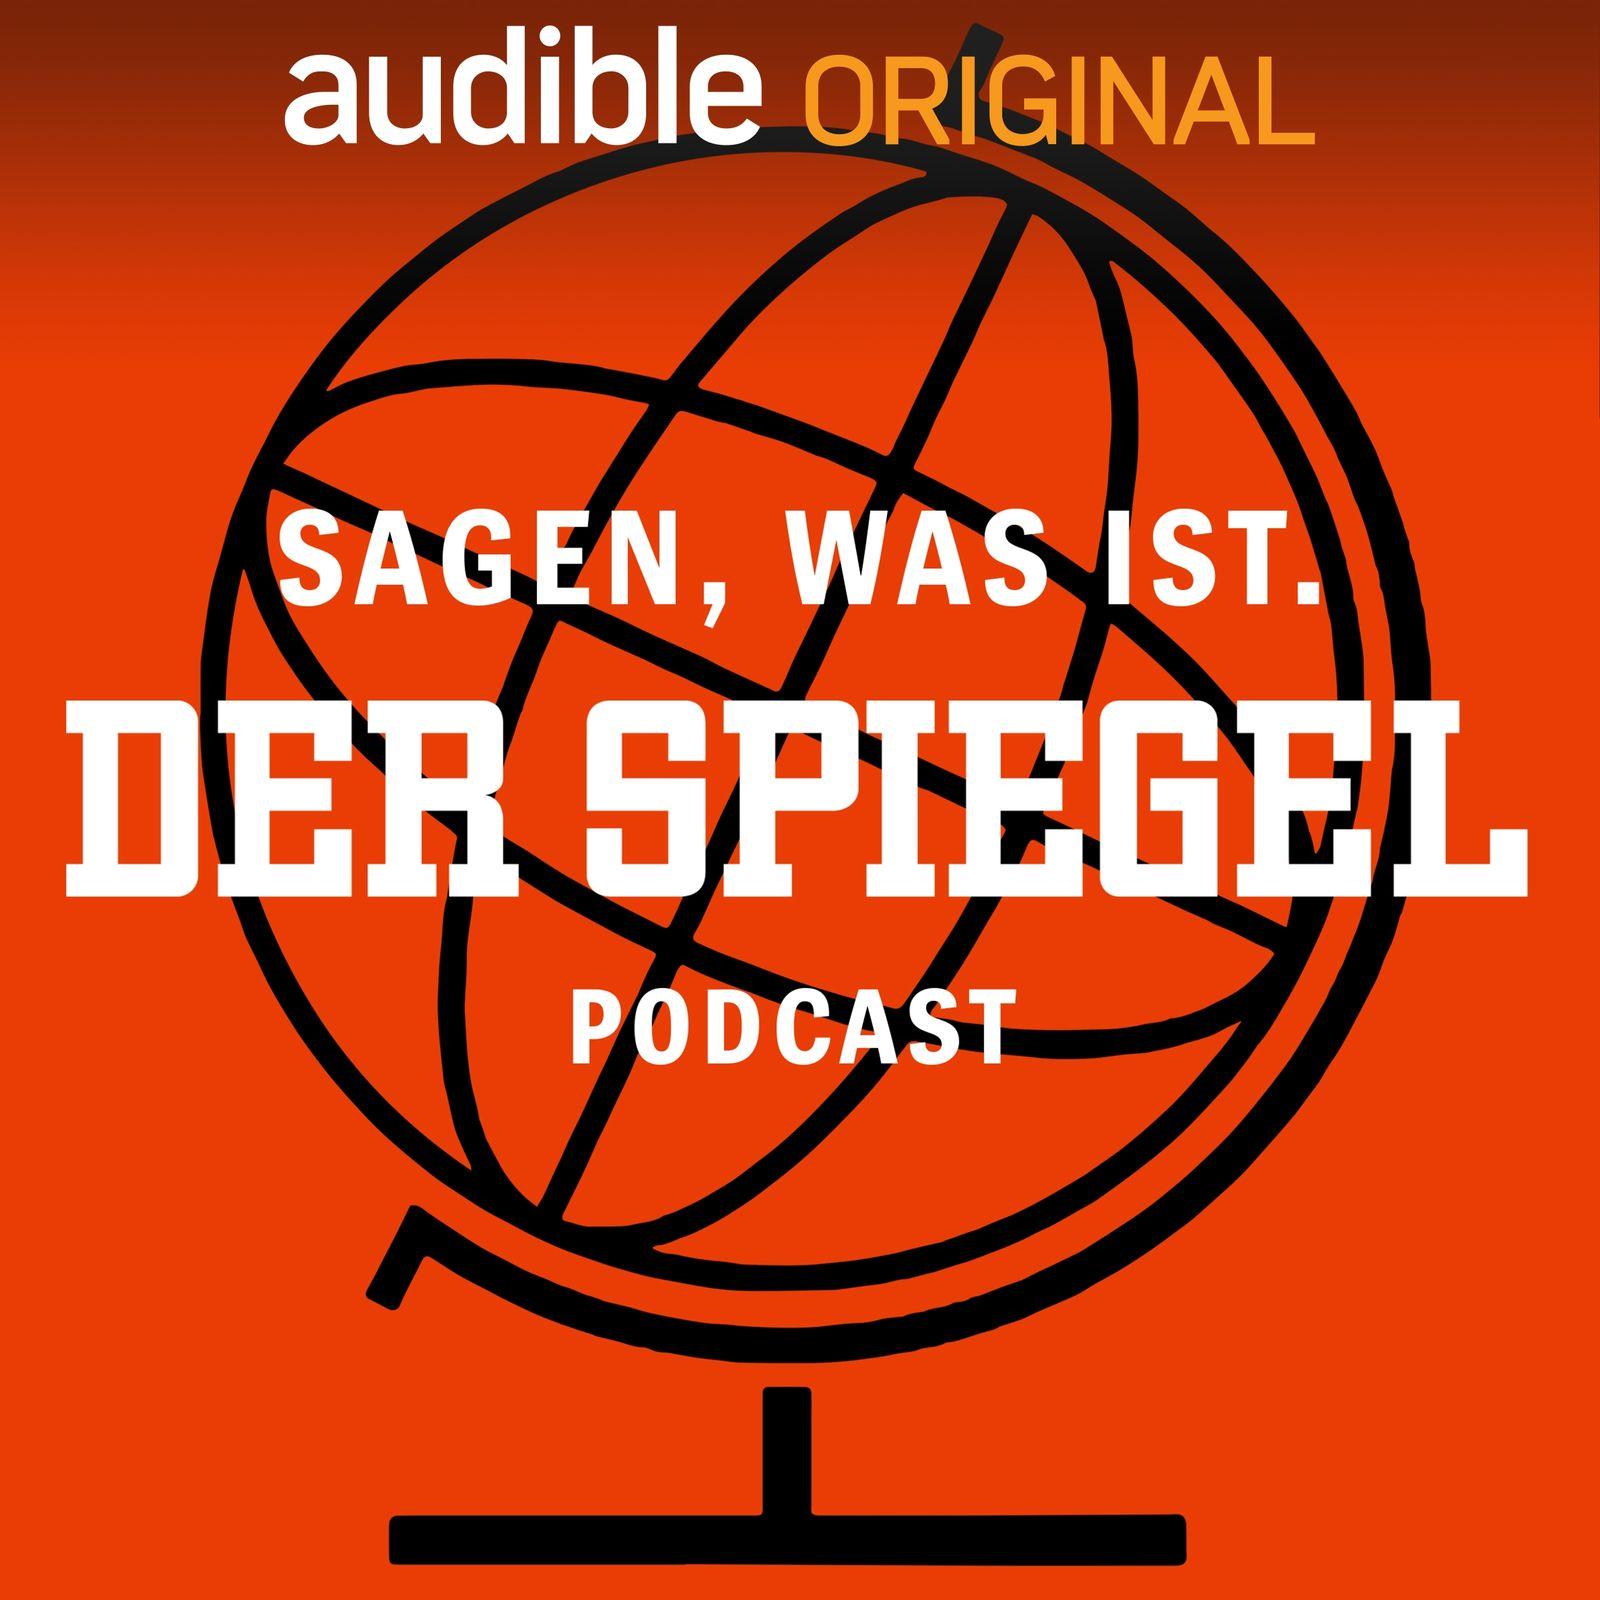 Sagen, was ist - DER SPIEGEL Podcast Stand 15.10.2018